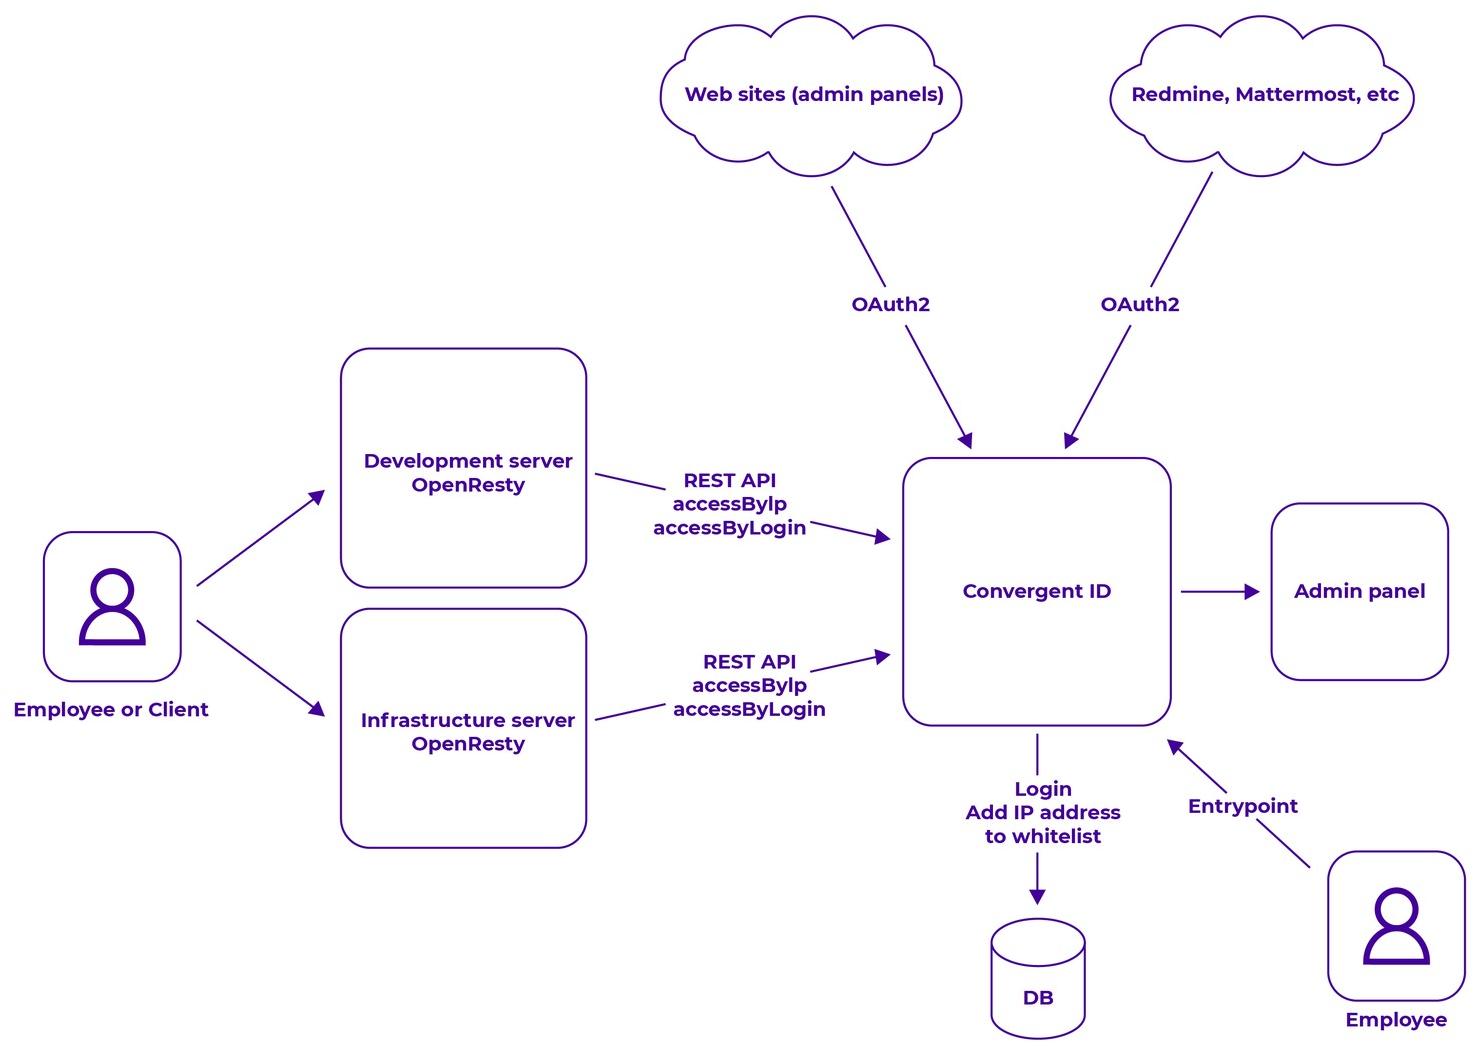 Упрощенная схема взаимодействия между пользователями и серверами